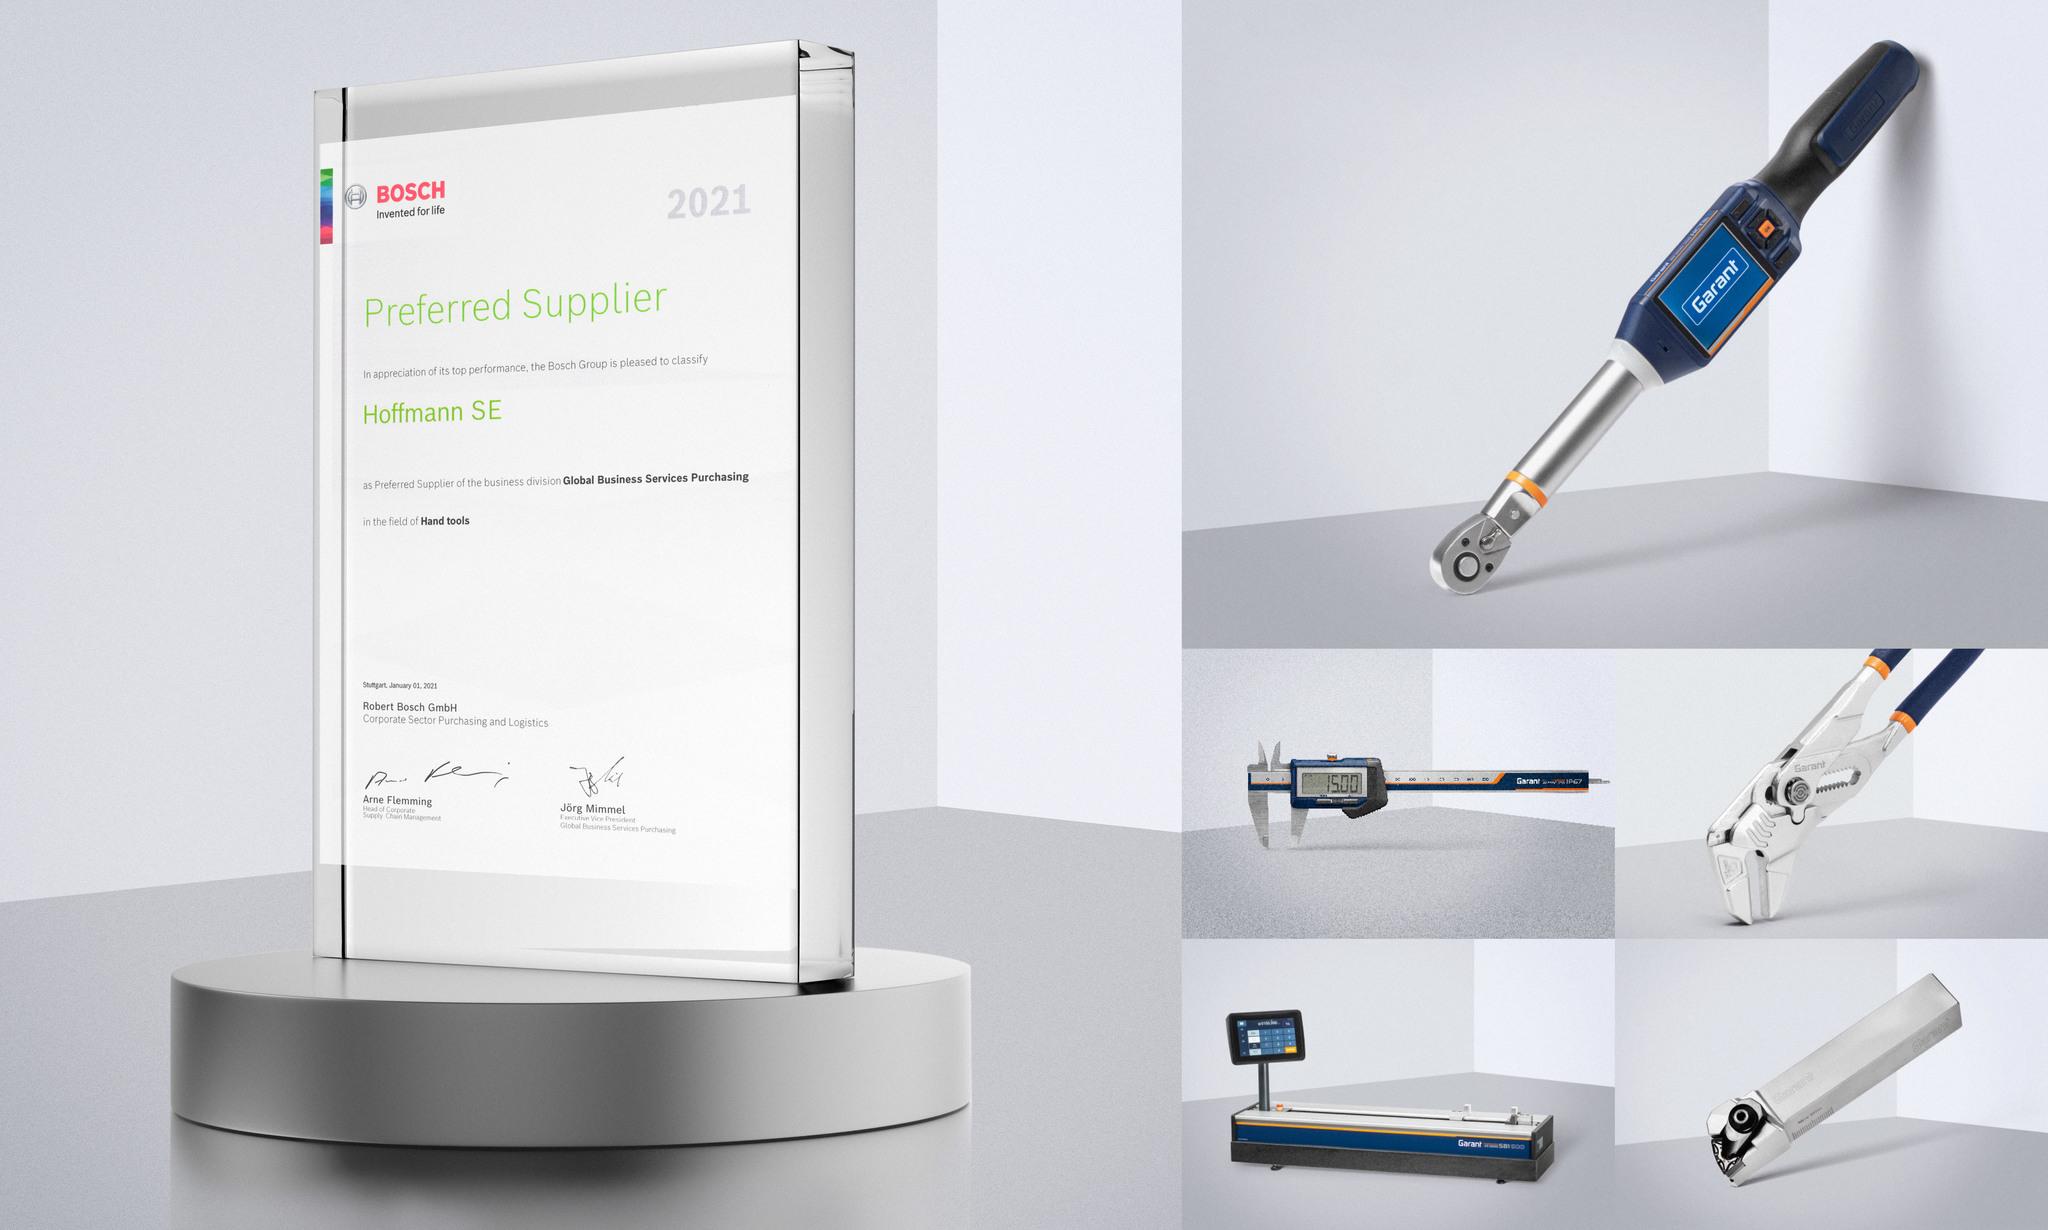 Hoffmann Group присвоен статус привилегированного поставщика 2021 года компании Bosch